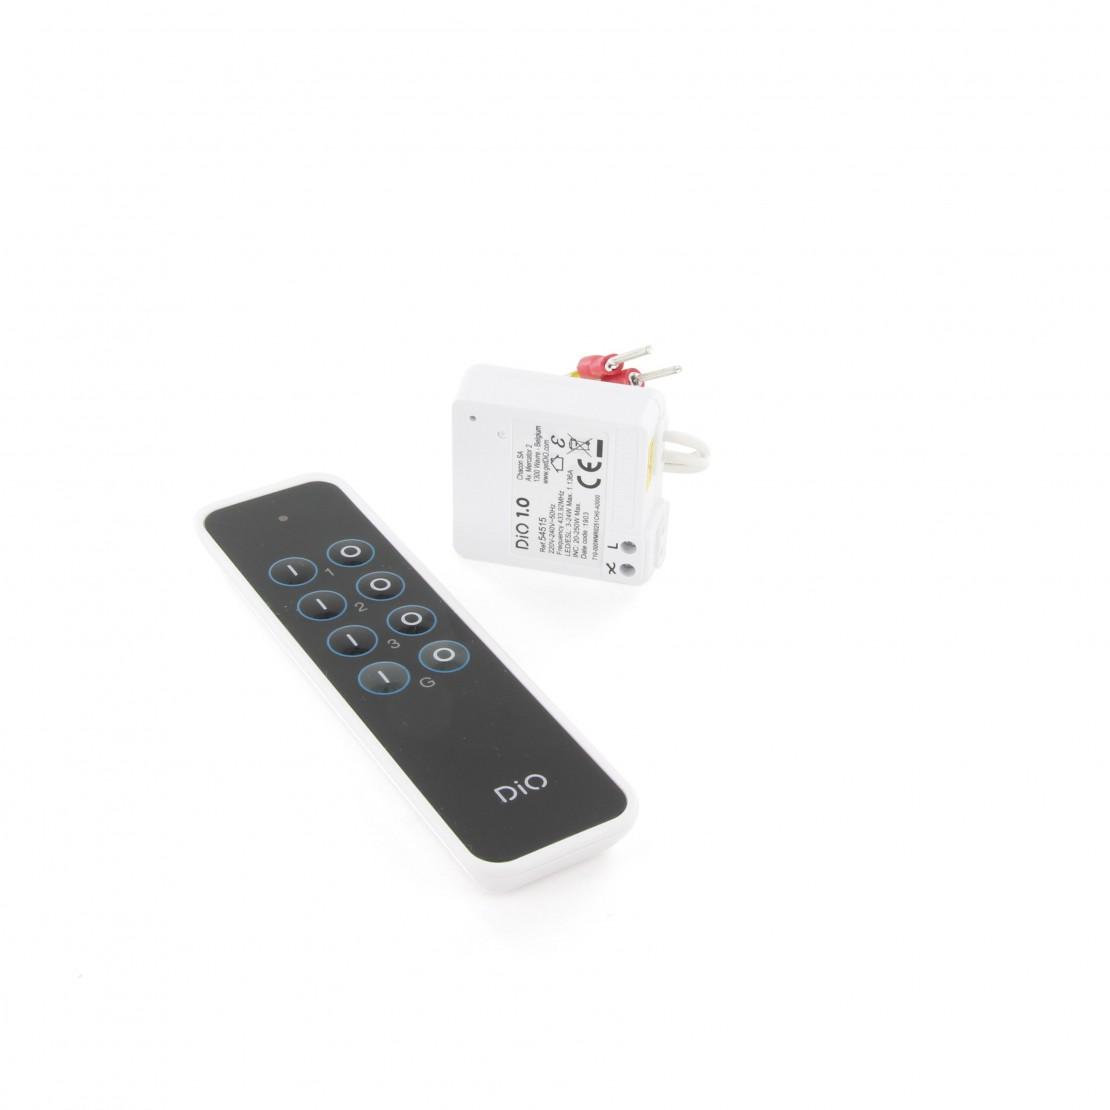 Micromodule voor verlichting en 3-kanaalsafstandsbediening